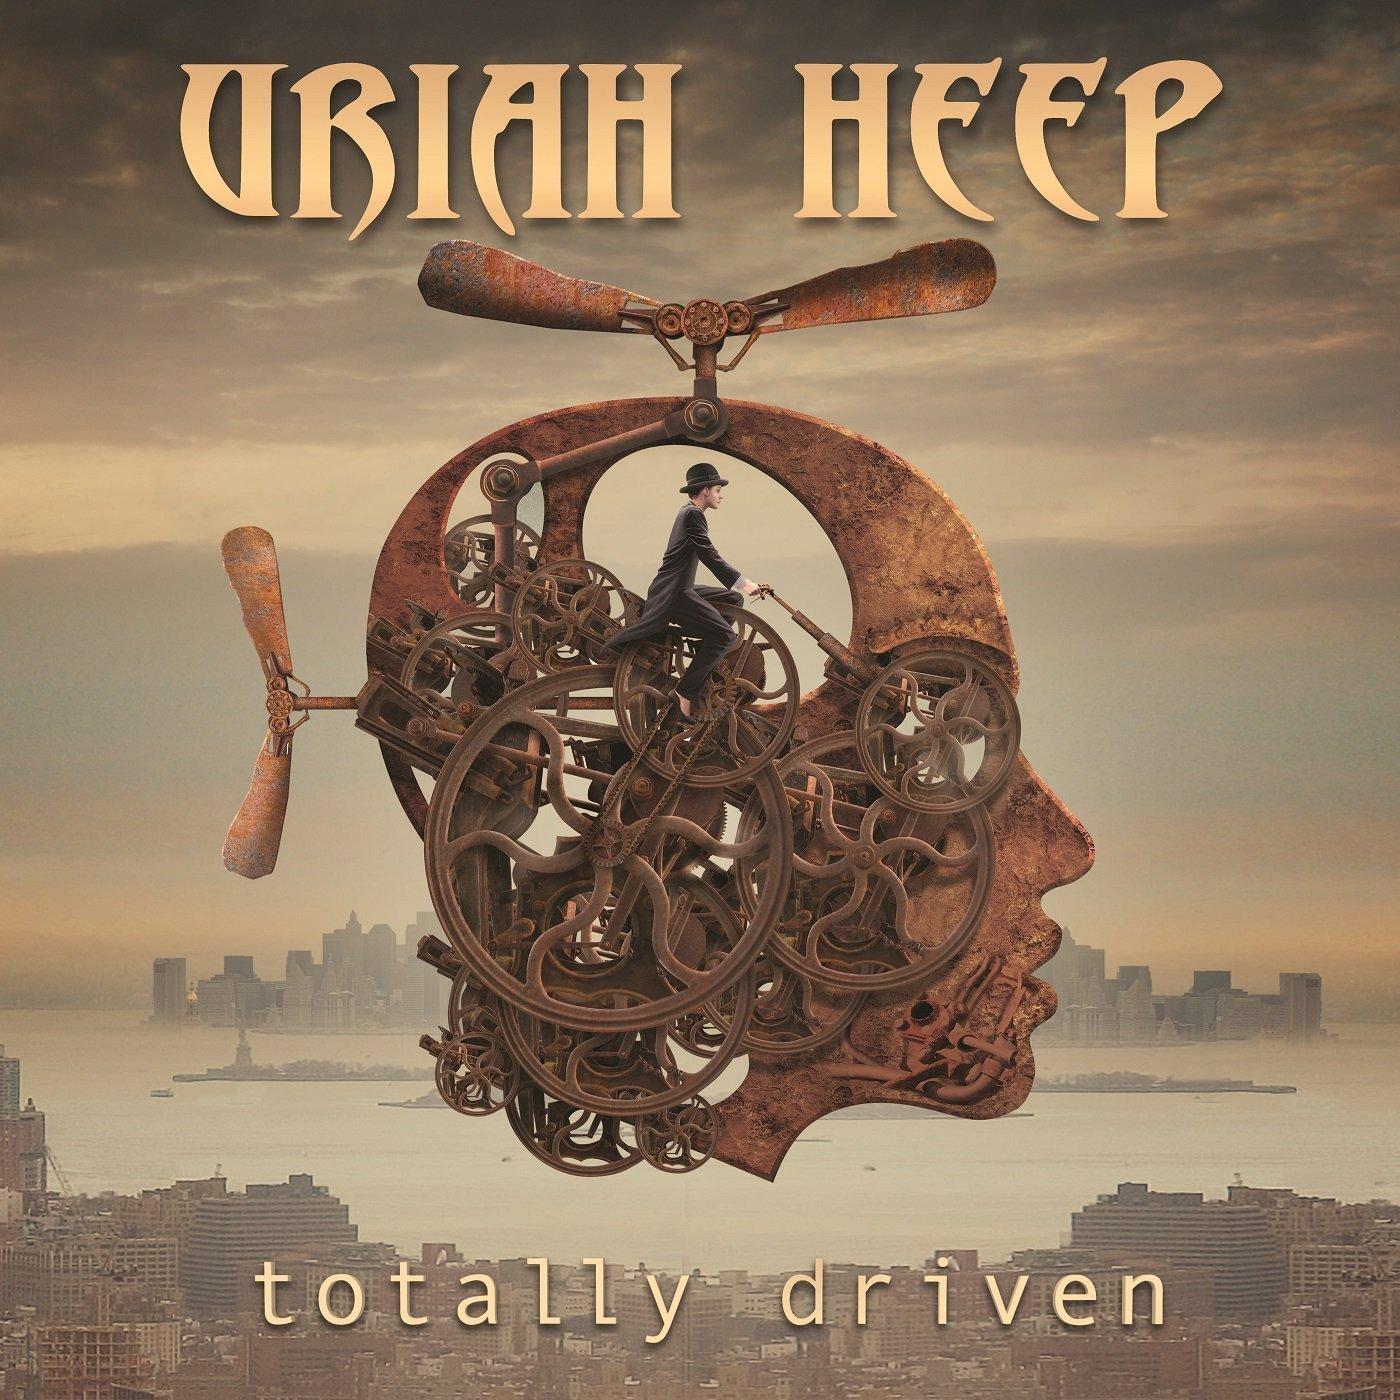 uriah heep albums in order